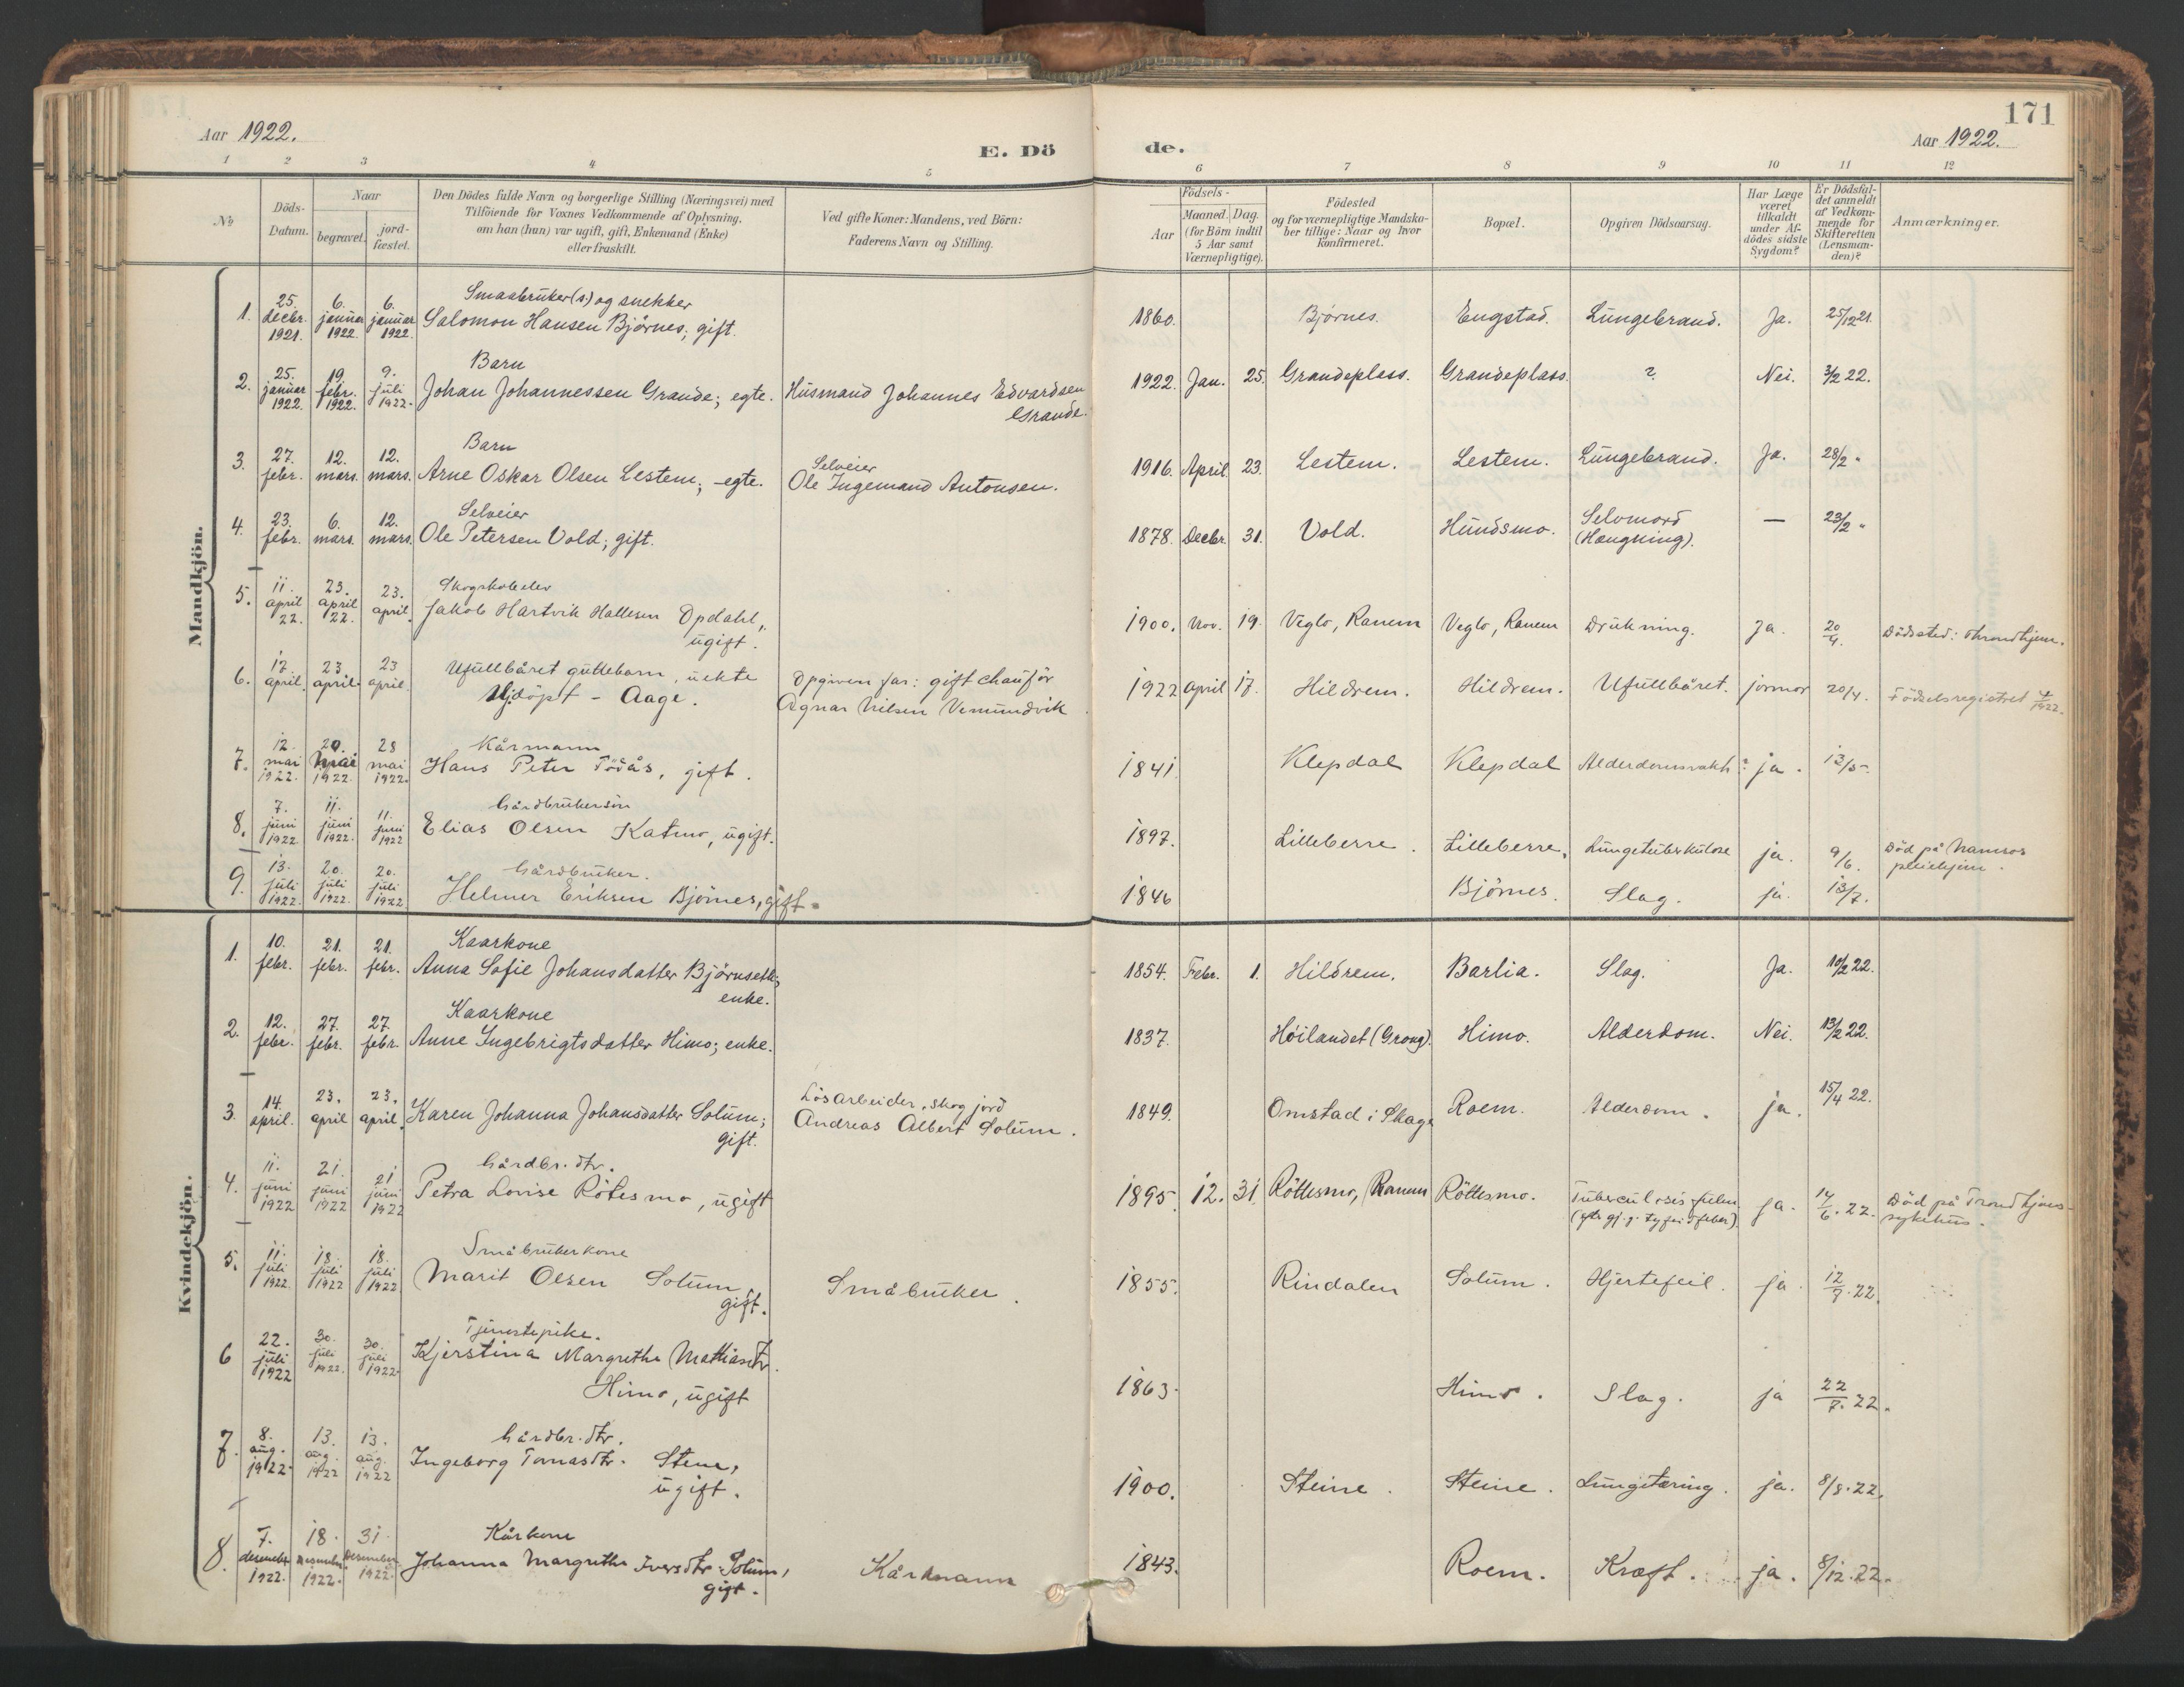 SAT, Ministerialprotokoller, klokkerbøker og fødselsregistre - Nord-Trøndelag, 764/L0556: Ministerialbok nr. 764A11, 1897-1924, s. 171